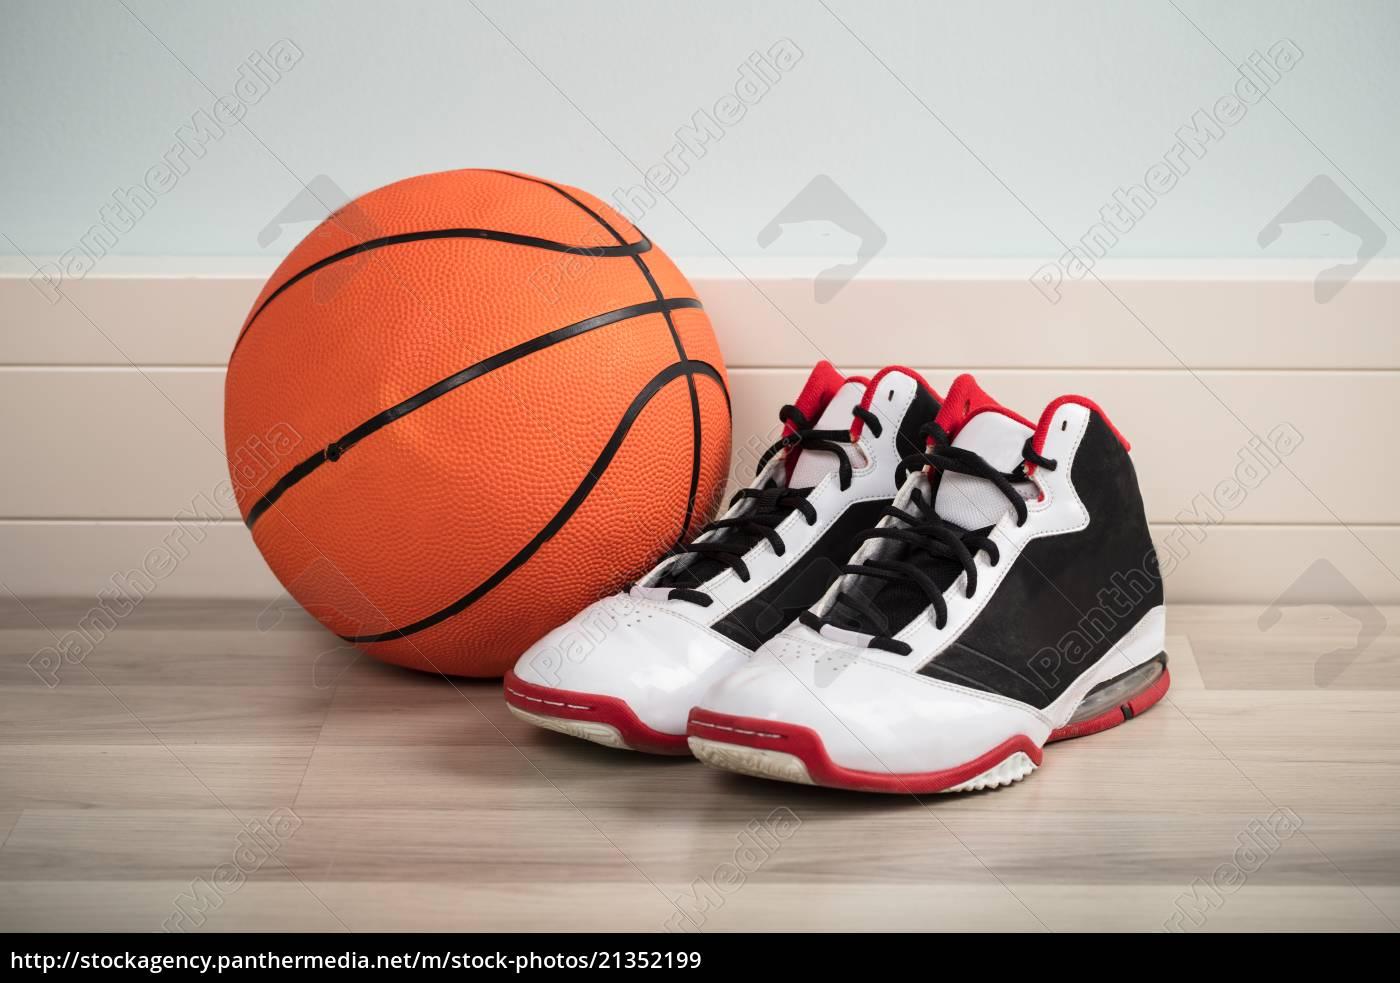 sportschuhe, und, ein, basketball - 21352199